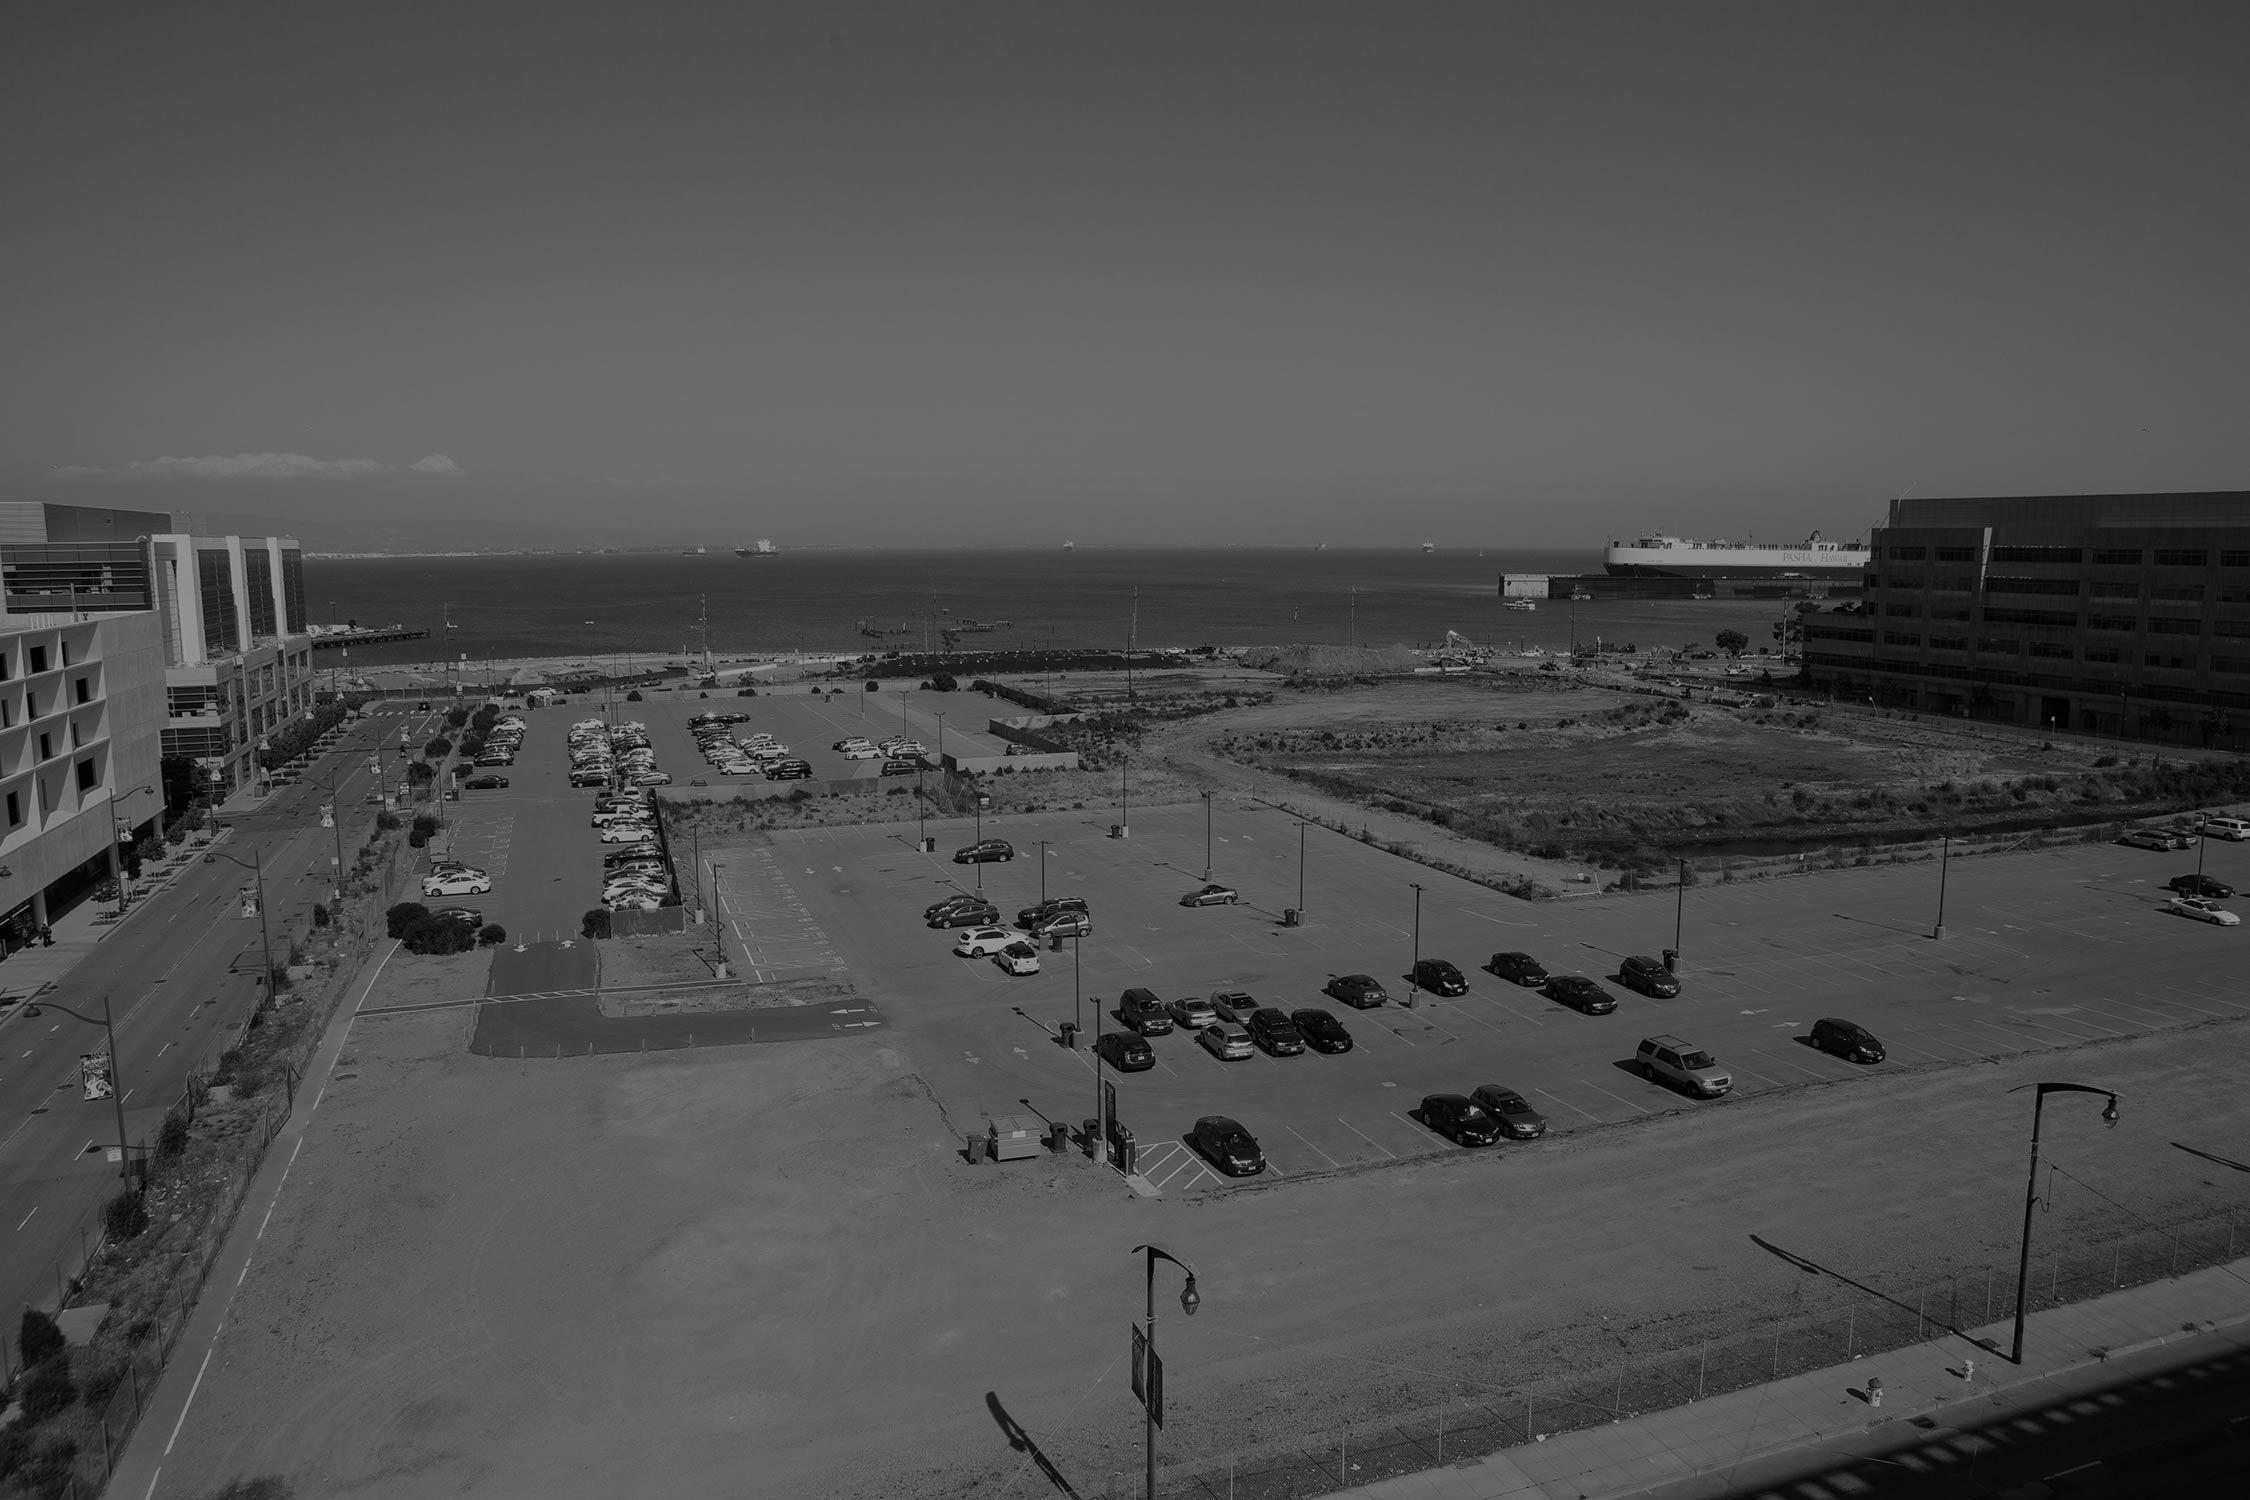 11-acre-site_01-01-02